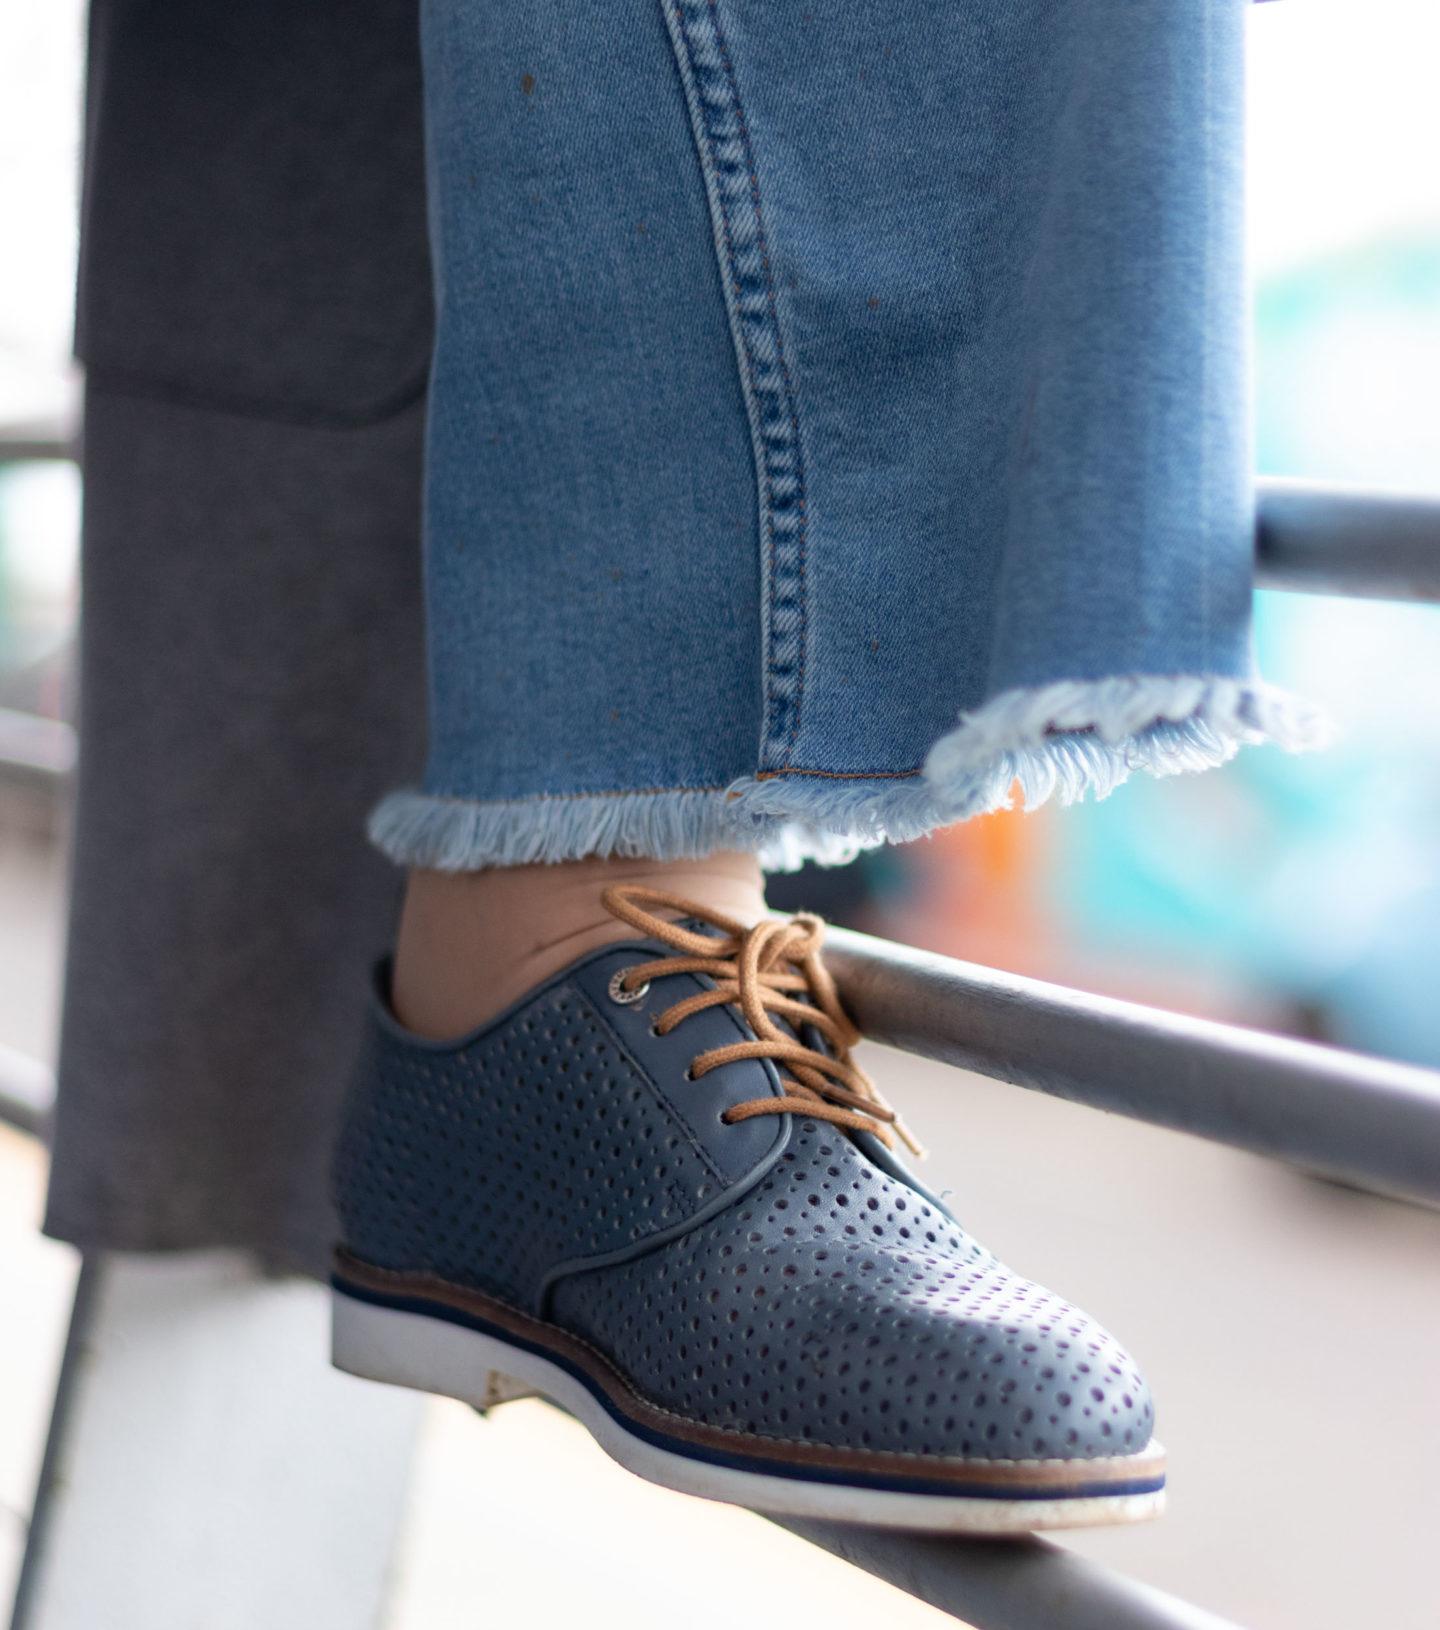 Van Dal lace-up denim shoes